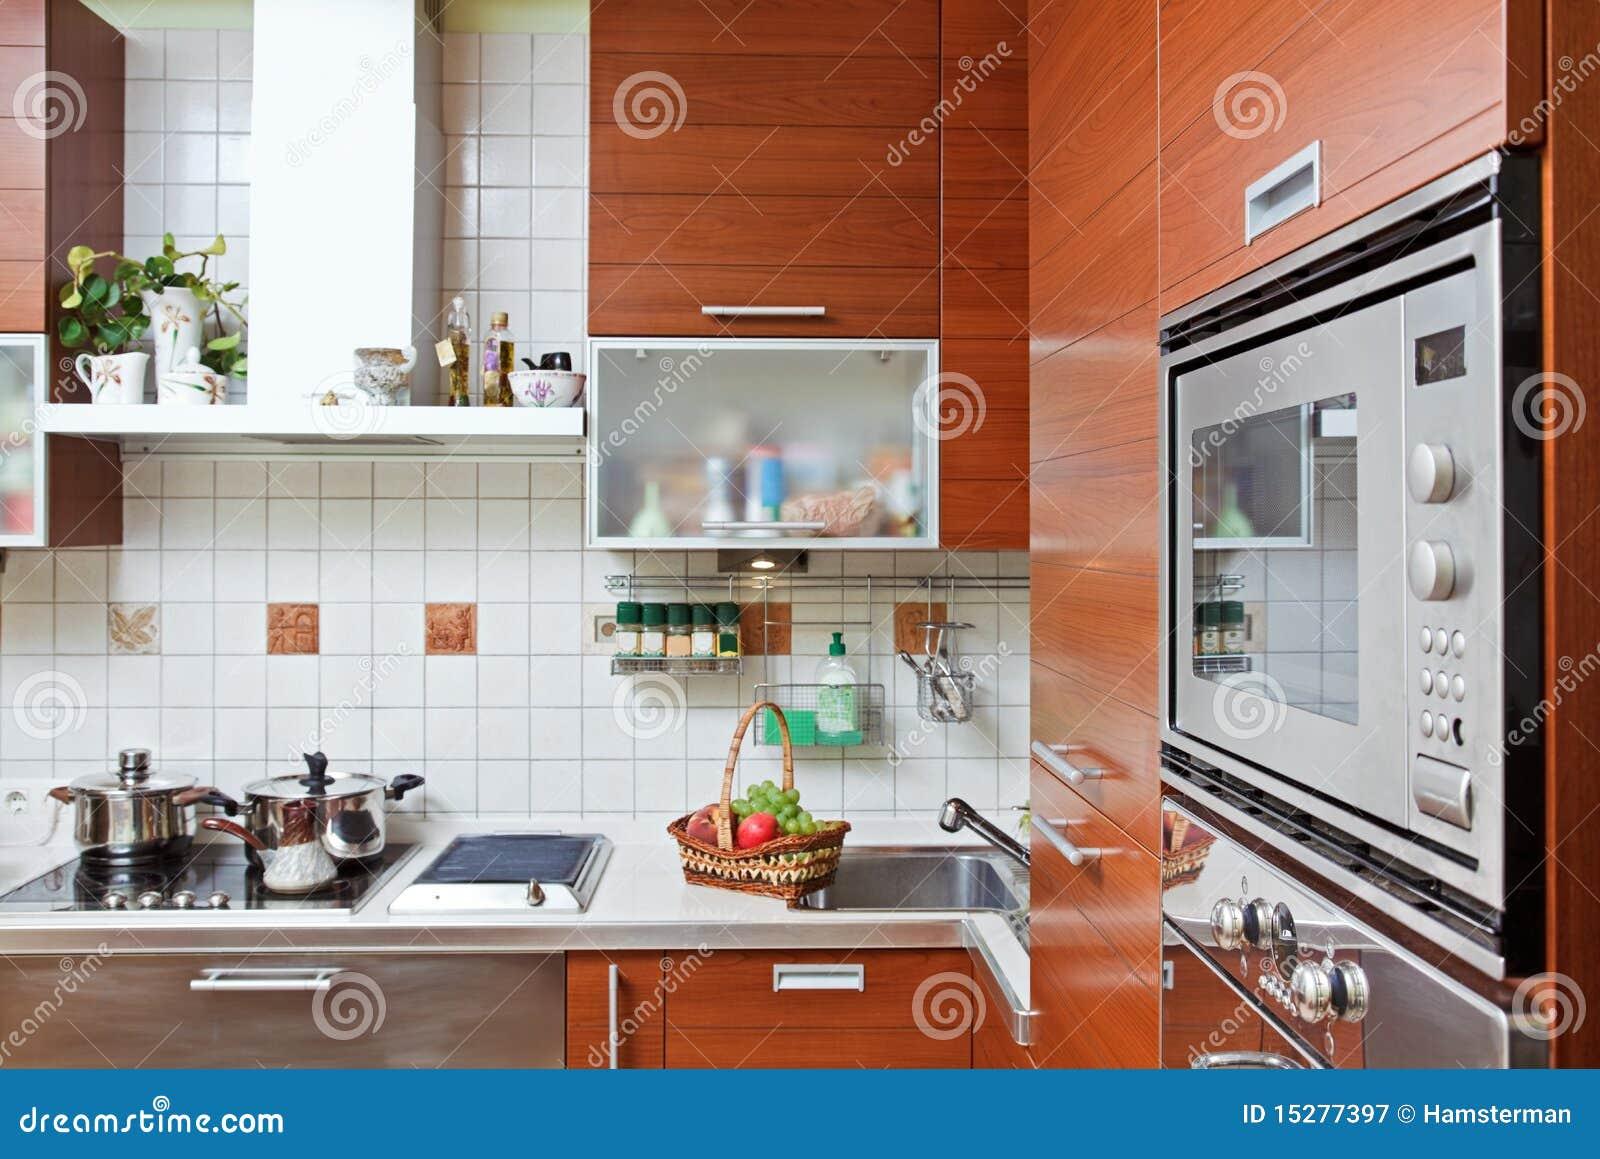 Meuble Micro Onde Et Four intérieur de cuisine avec la construction en four à micro